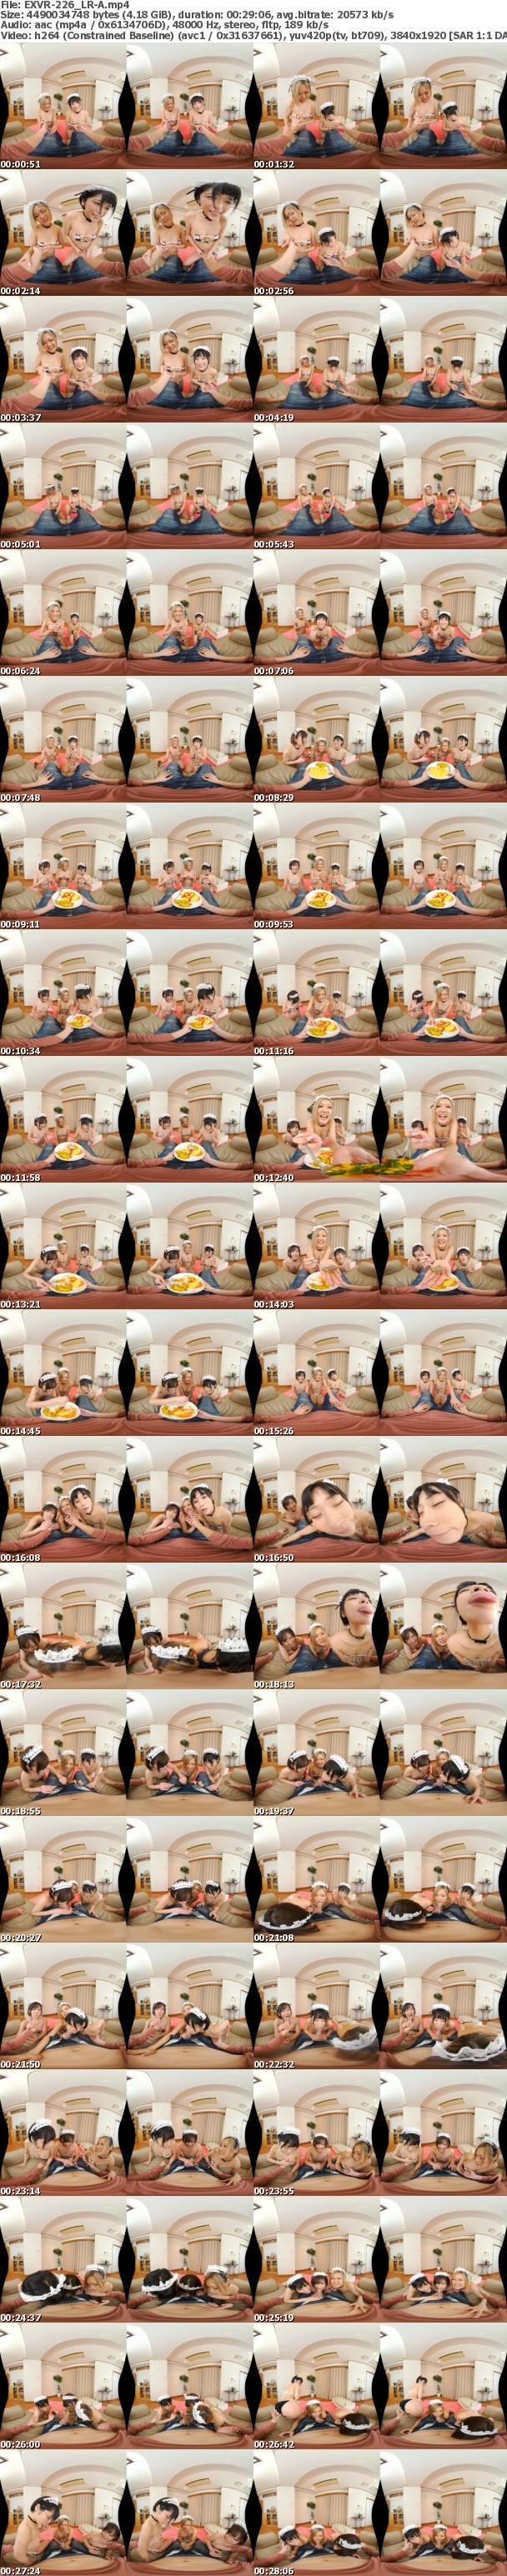 (VR) EXVR-226 美少女メイドと夢のハーレムプレイ メイドカフェスペシャル中出しコース編 天希ユリナ 綾乃優 森あす美